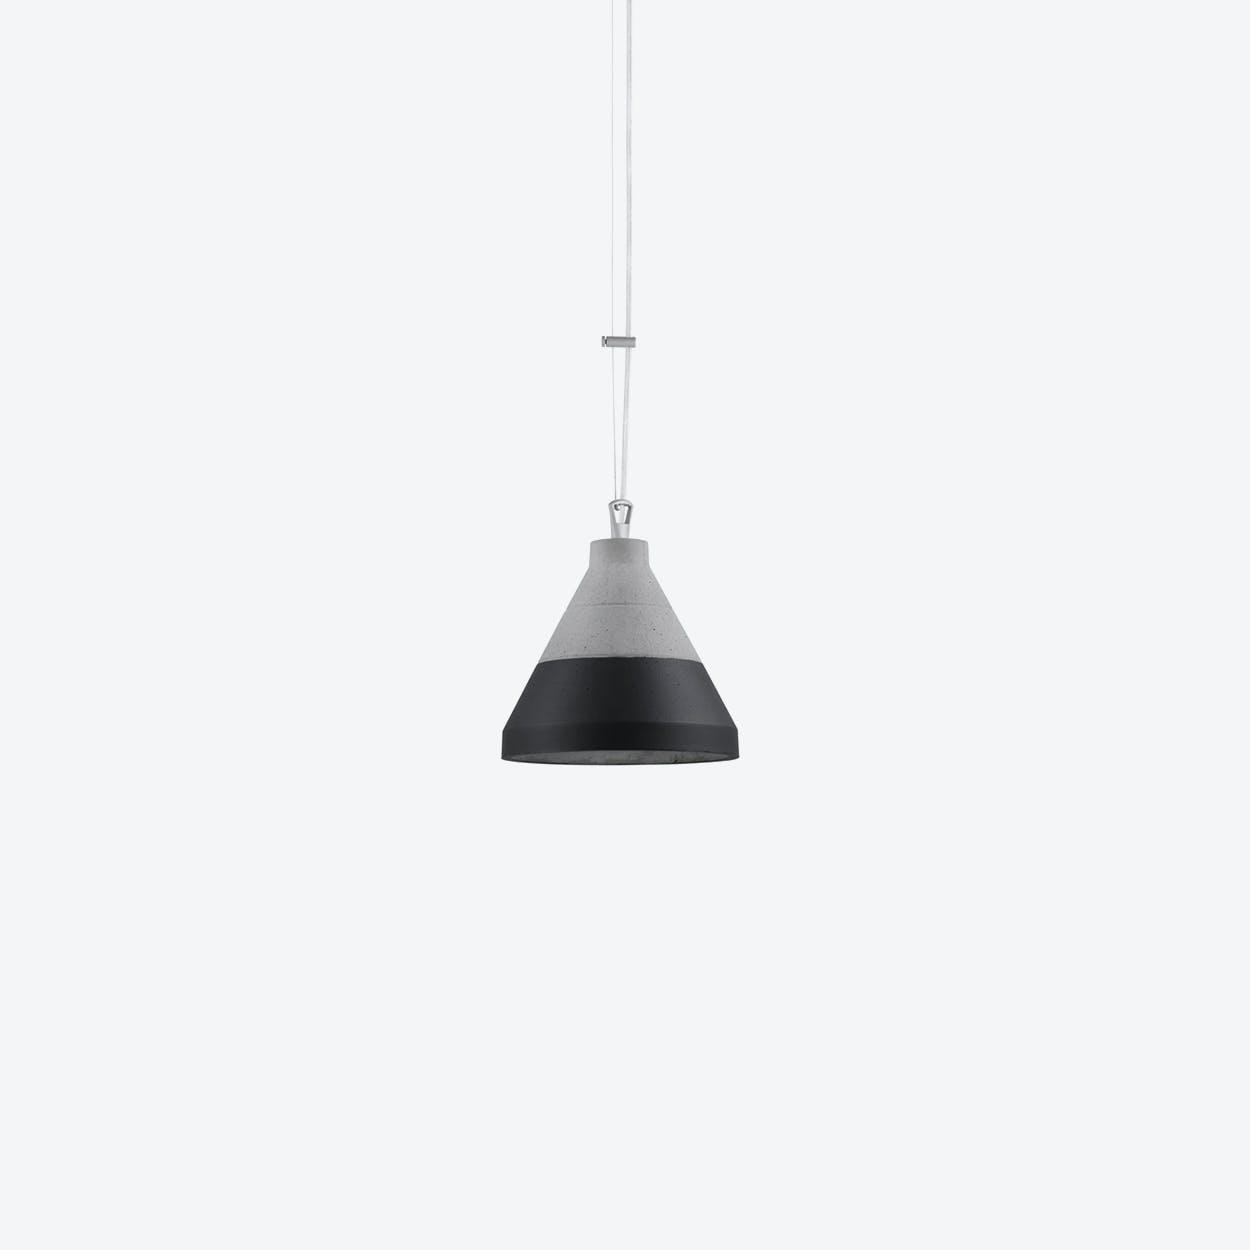 Craft Pendant Lamp in Black